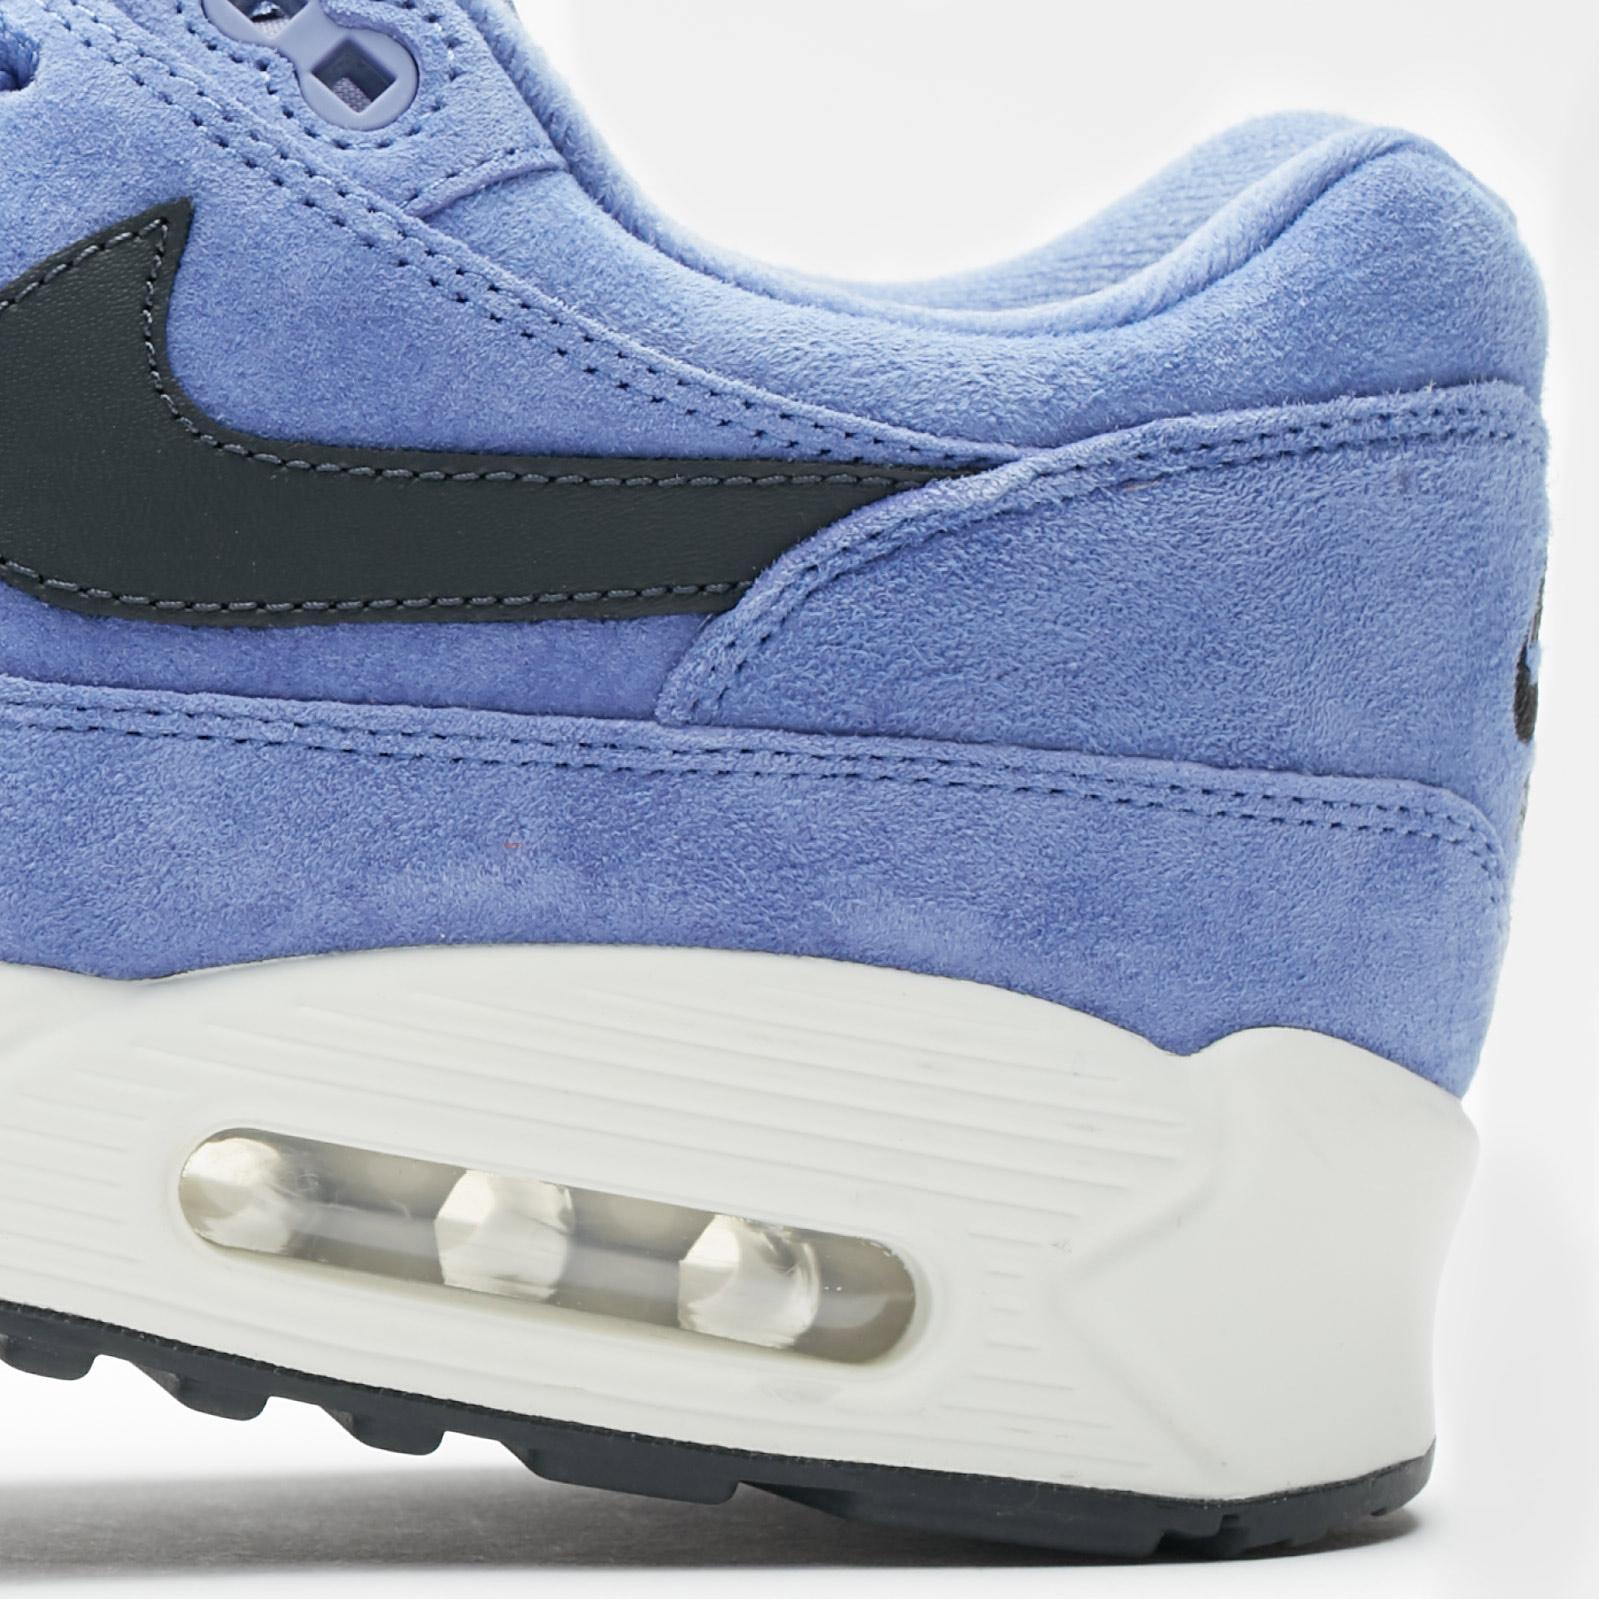 new arrival b7d60 f52d4 Nike Sportswear Air Max 90 1 - 6. Close